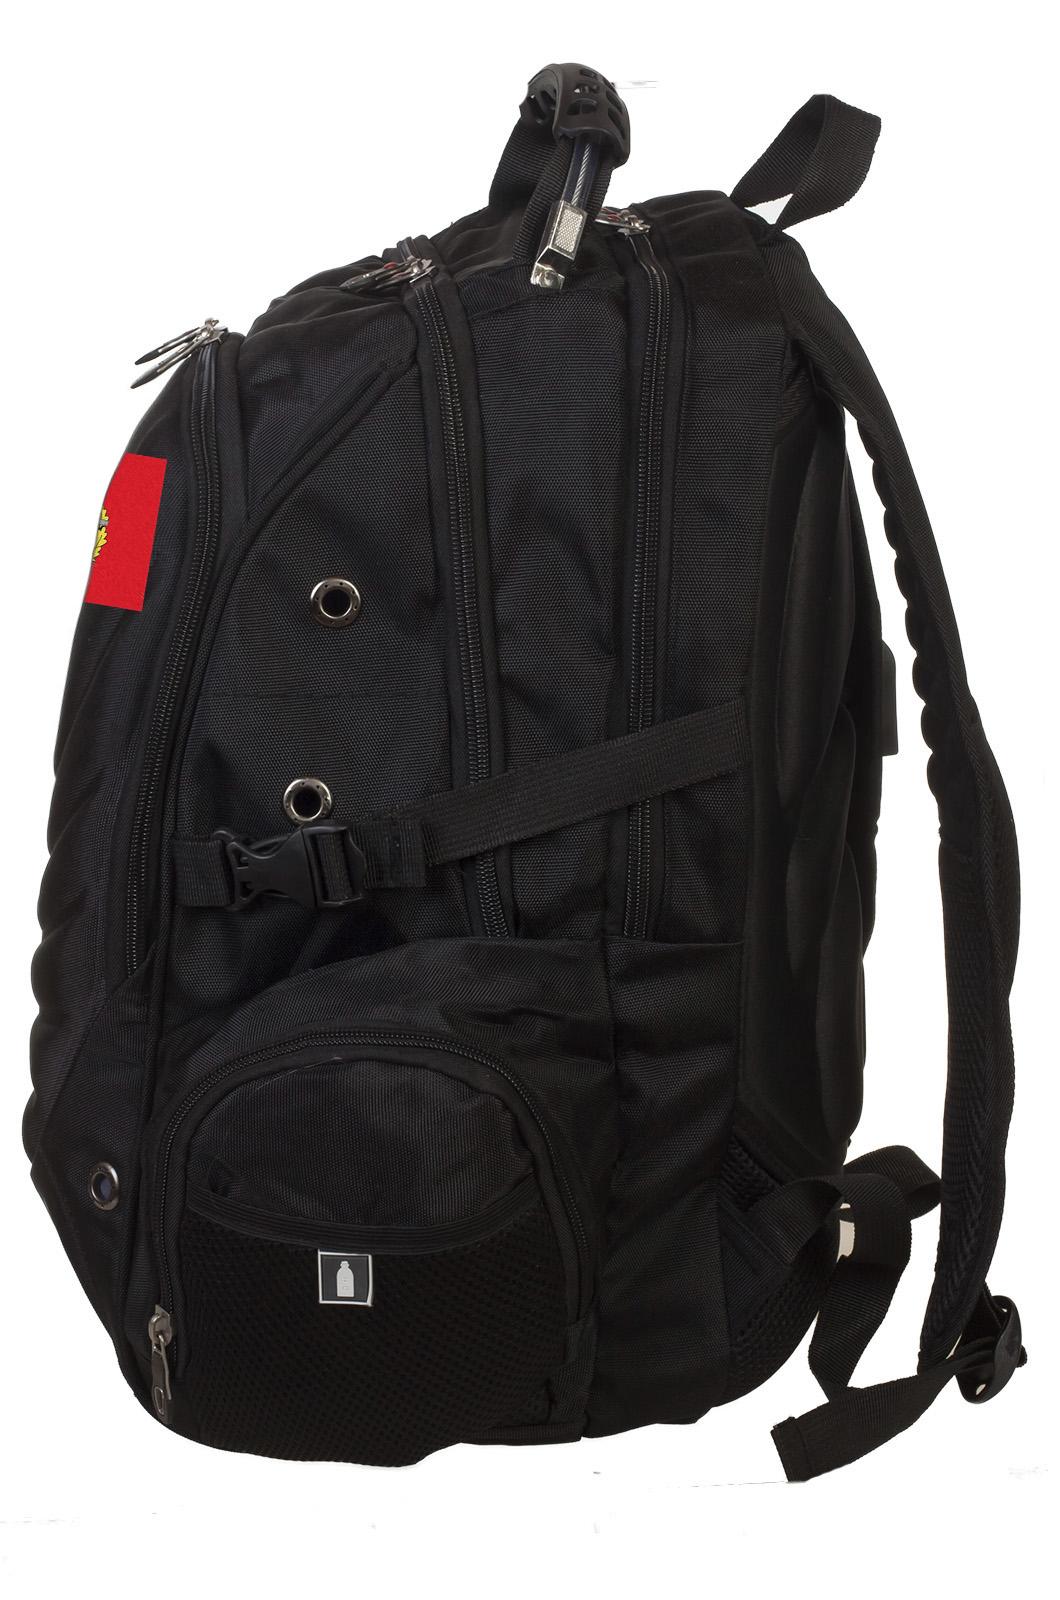 Крутой черный рюкзак с нашивкой Спецназ - заказать с доставкой